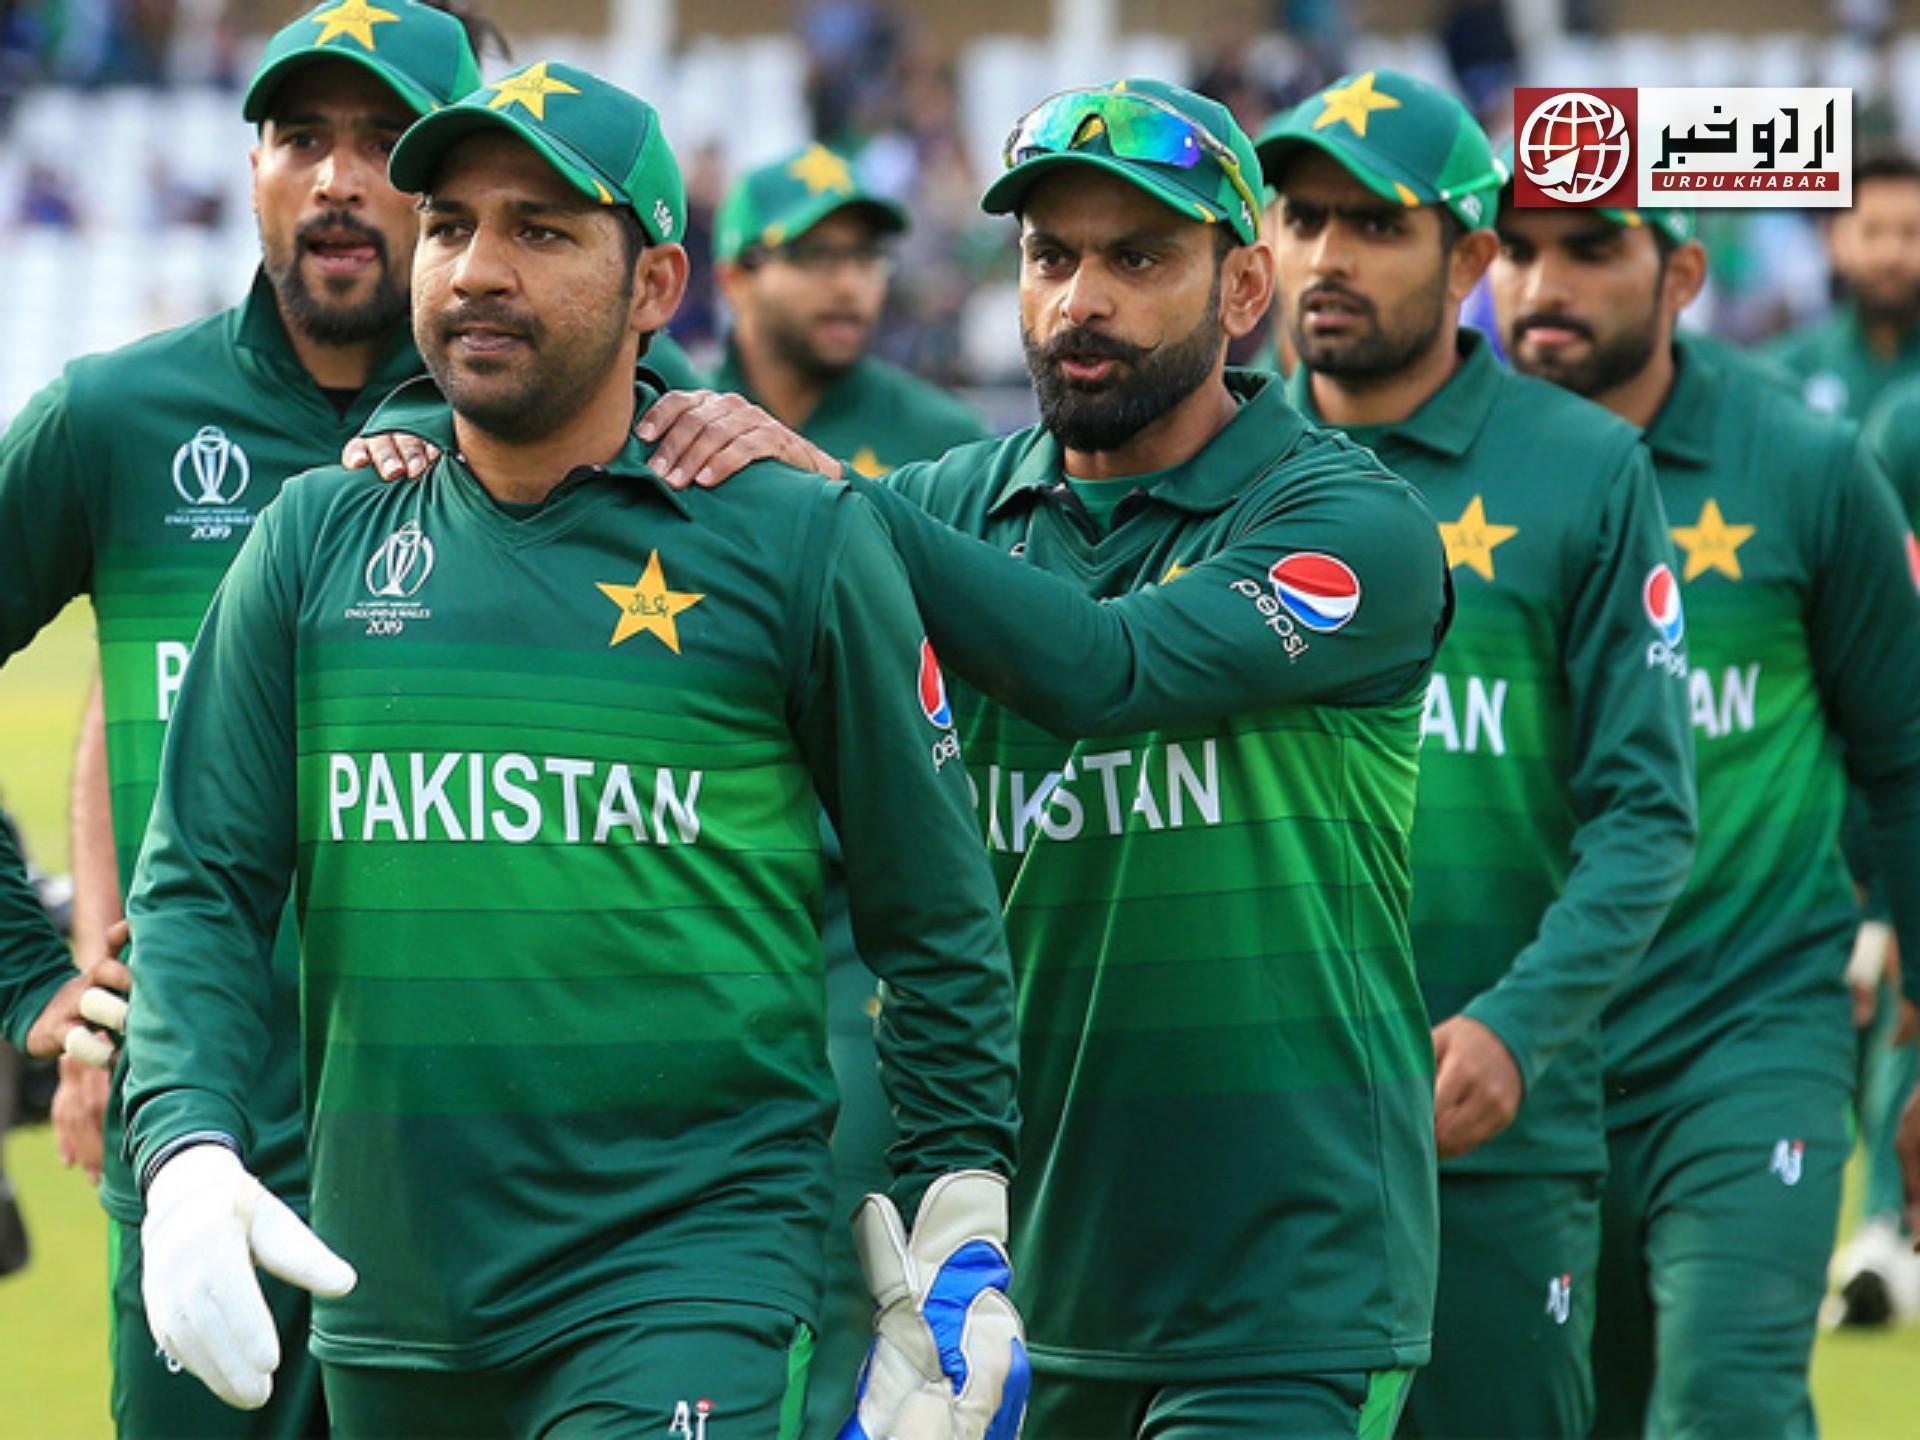 پاکستانی کرکٹ ٹیم کے کھلاڑیوں کی ووسٹر میں نیٹ پریکٹس